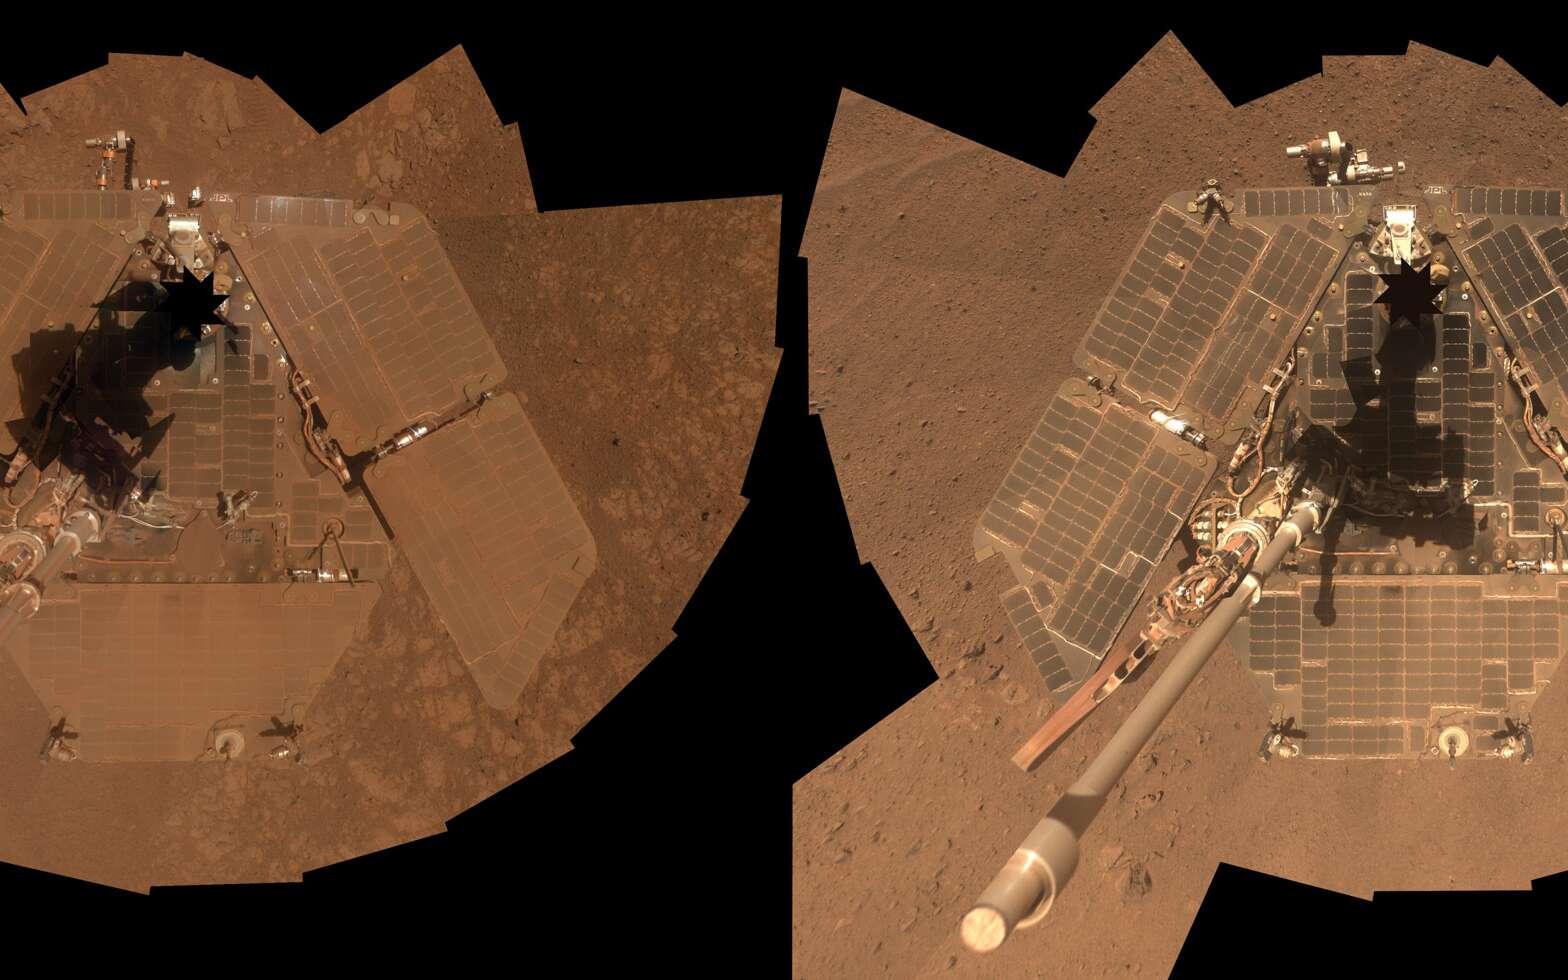 Acquises à trois mois d'intervalle (début janvier à gauche et fin mars à droite), ces deux autoportraits du rover Opportunity de la Nasa montrent l'effet du vent sur ses panneaux solaires. En janvier, ceux-ci étaient complètement recouverts d'une fine couche de poussière, alors que cette dernière avait complètement disparu à la fin mars ! © Nasa, JPL-Caltech, université Cornell, université d'État de l'Arizona